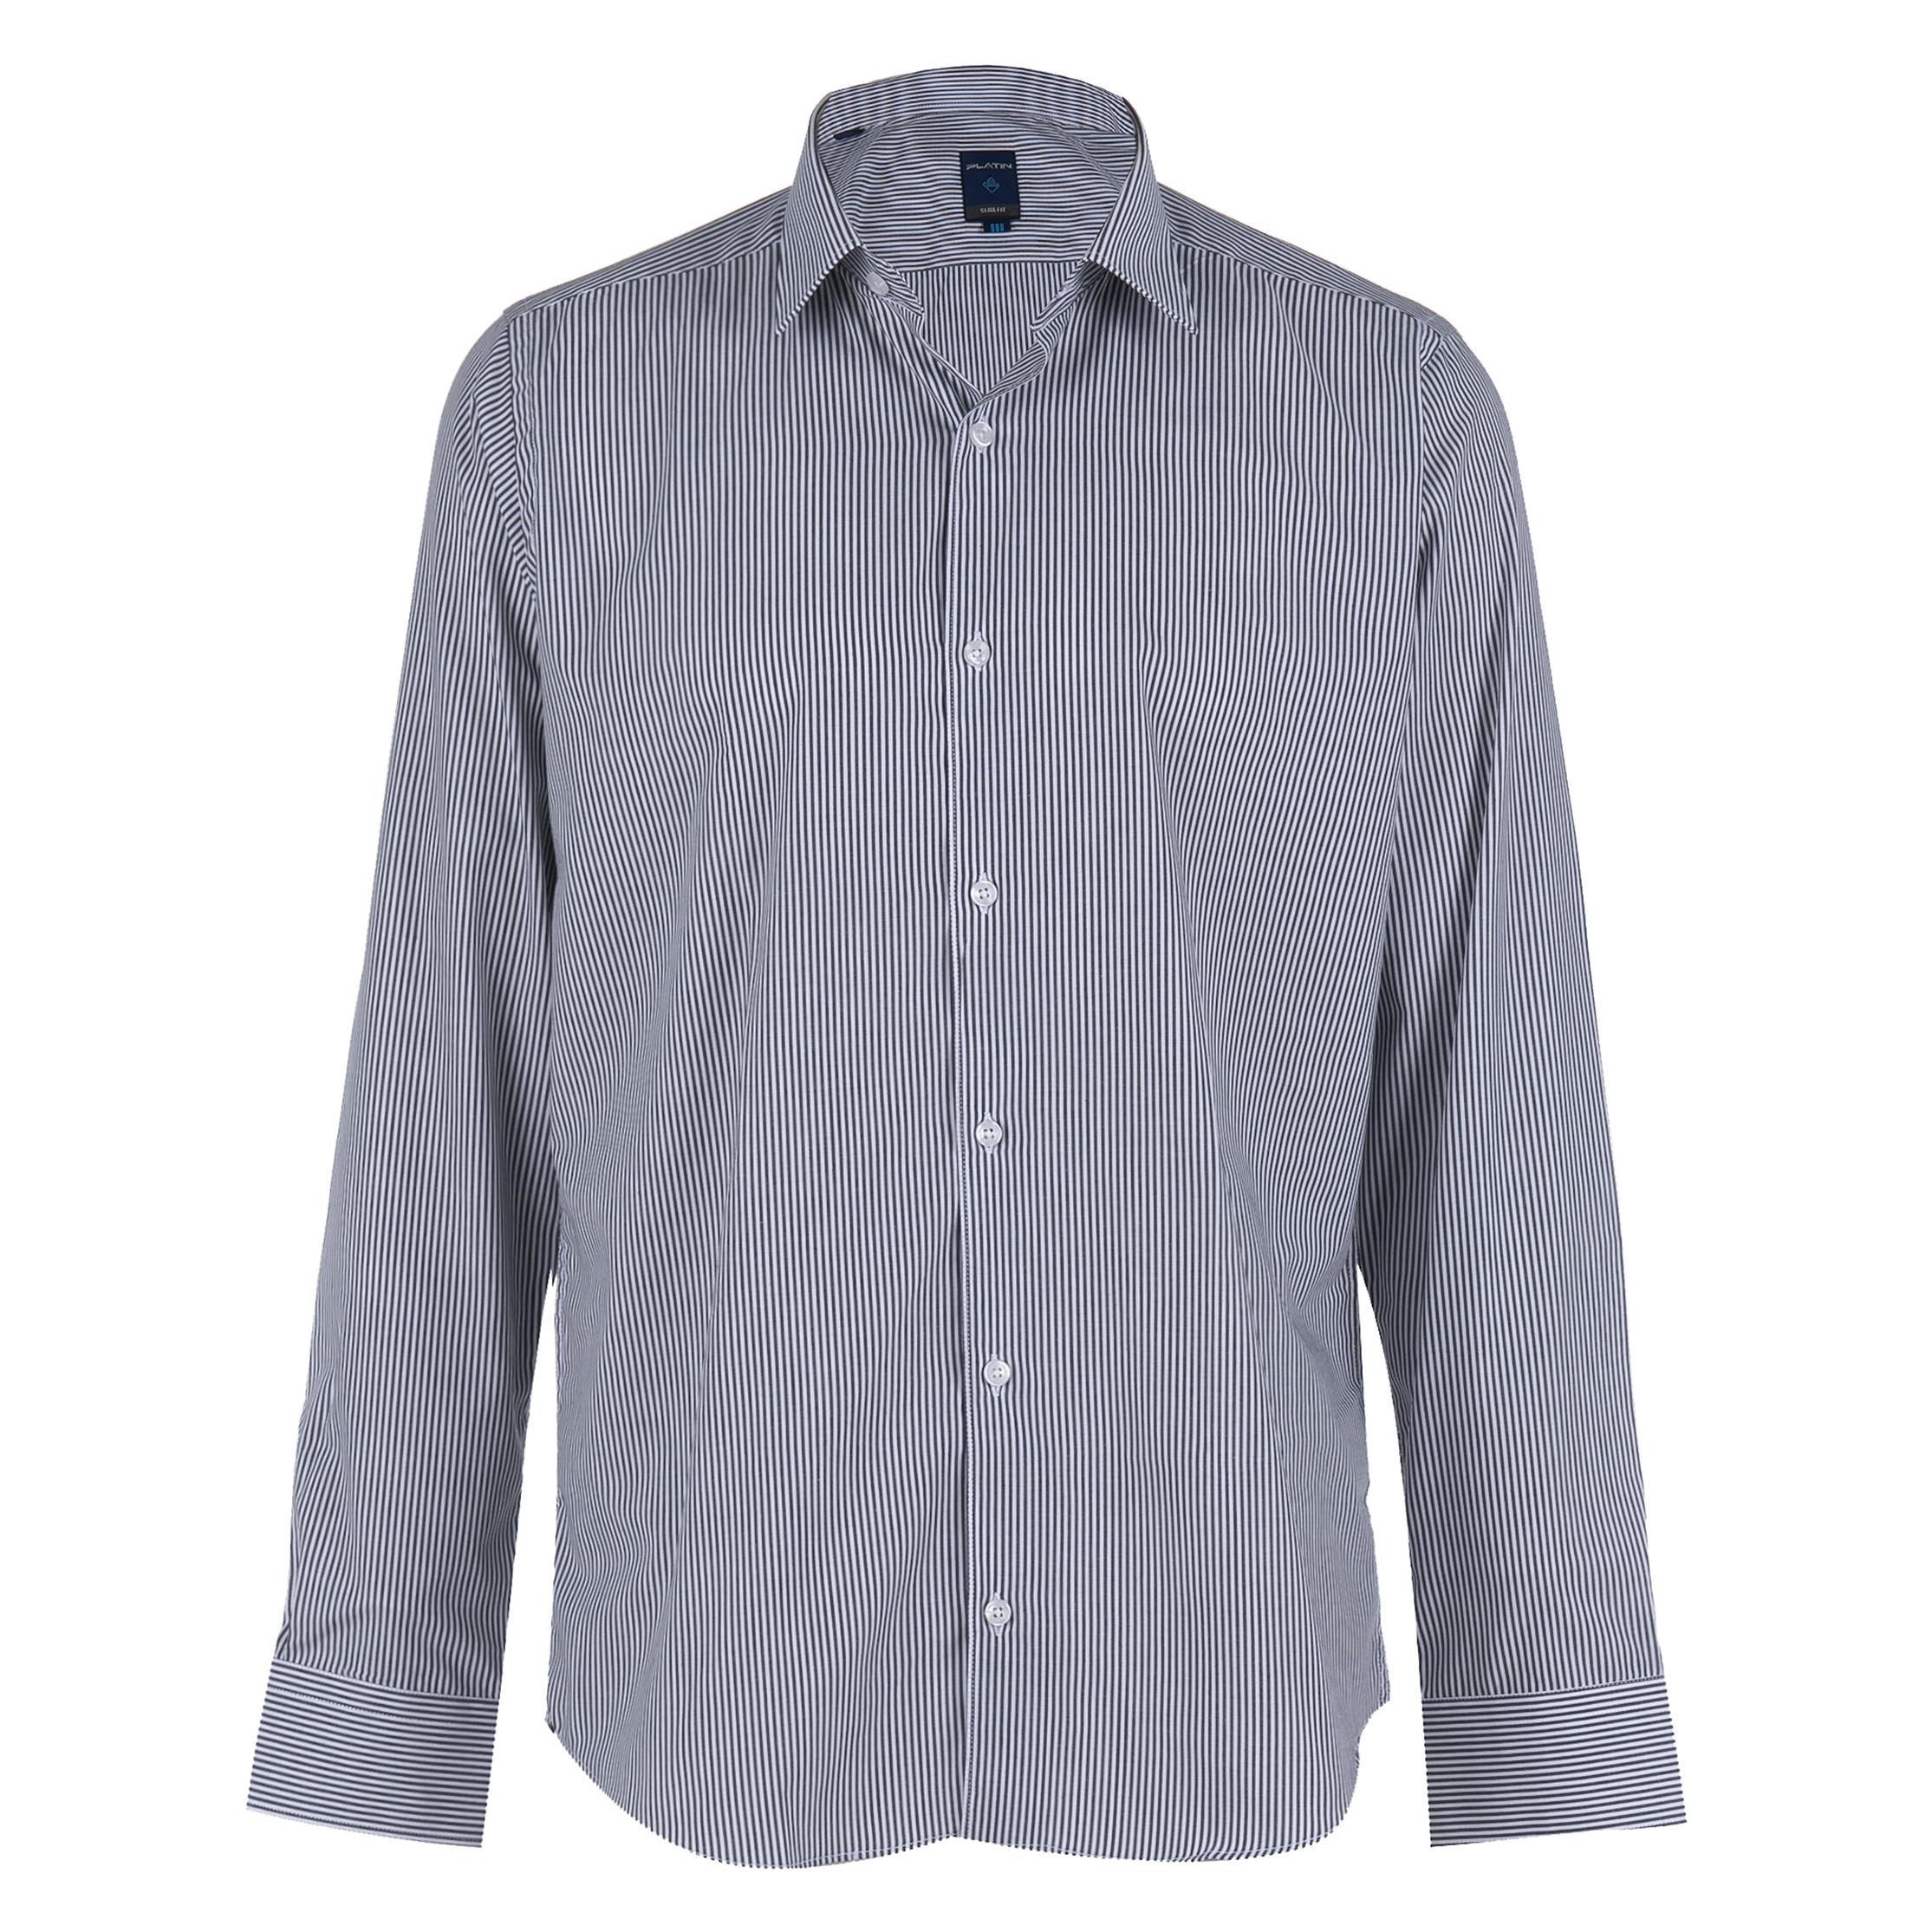 پیراهن مردانه پلاتین طرح راه راه کد 1021